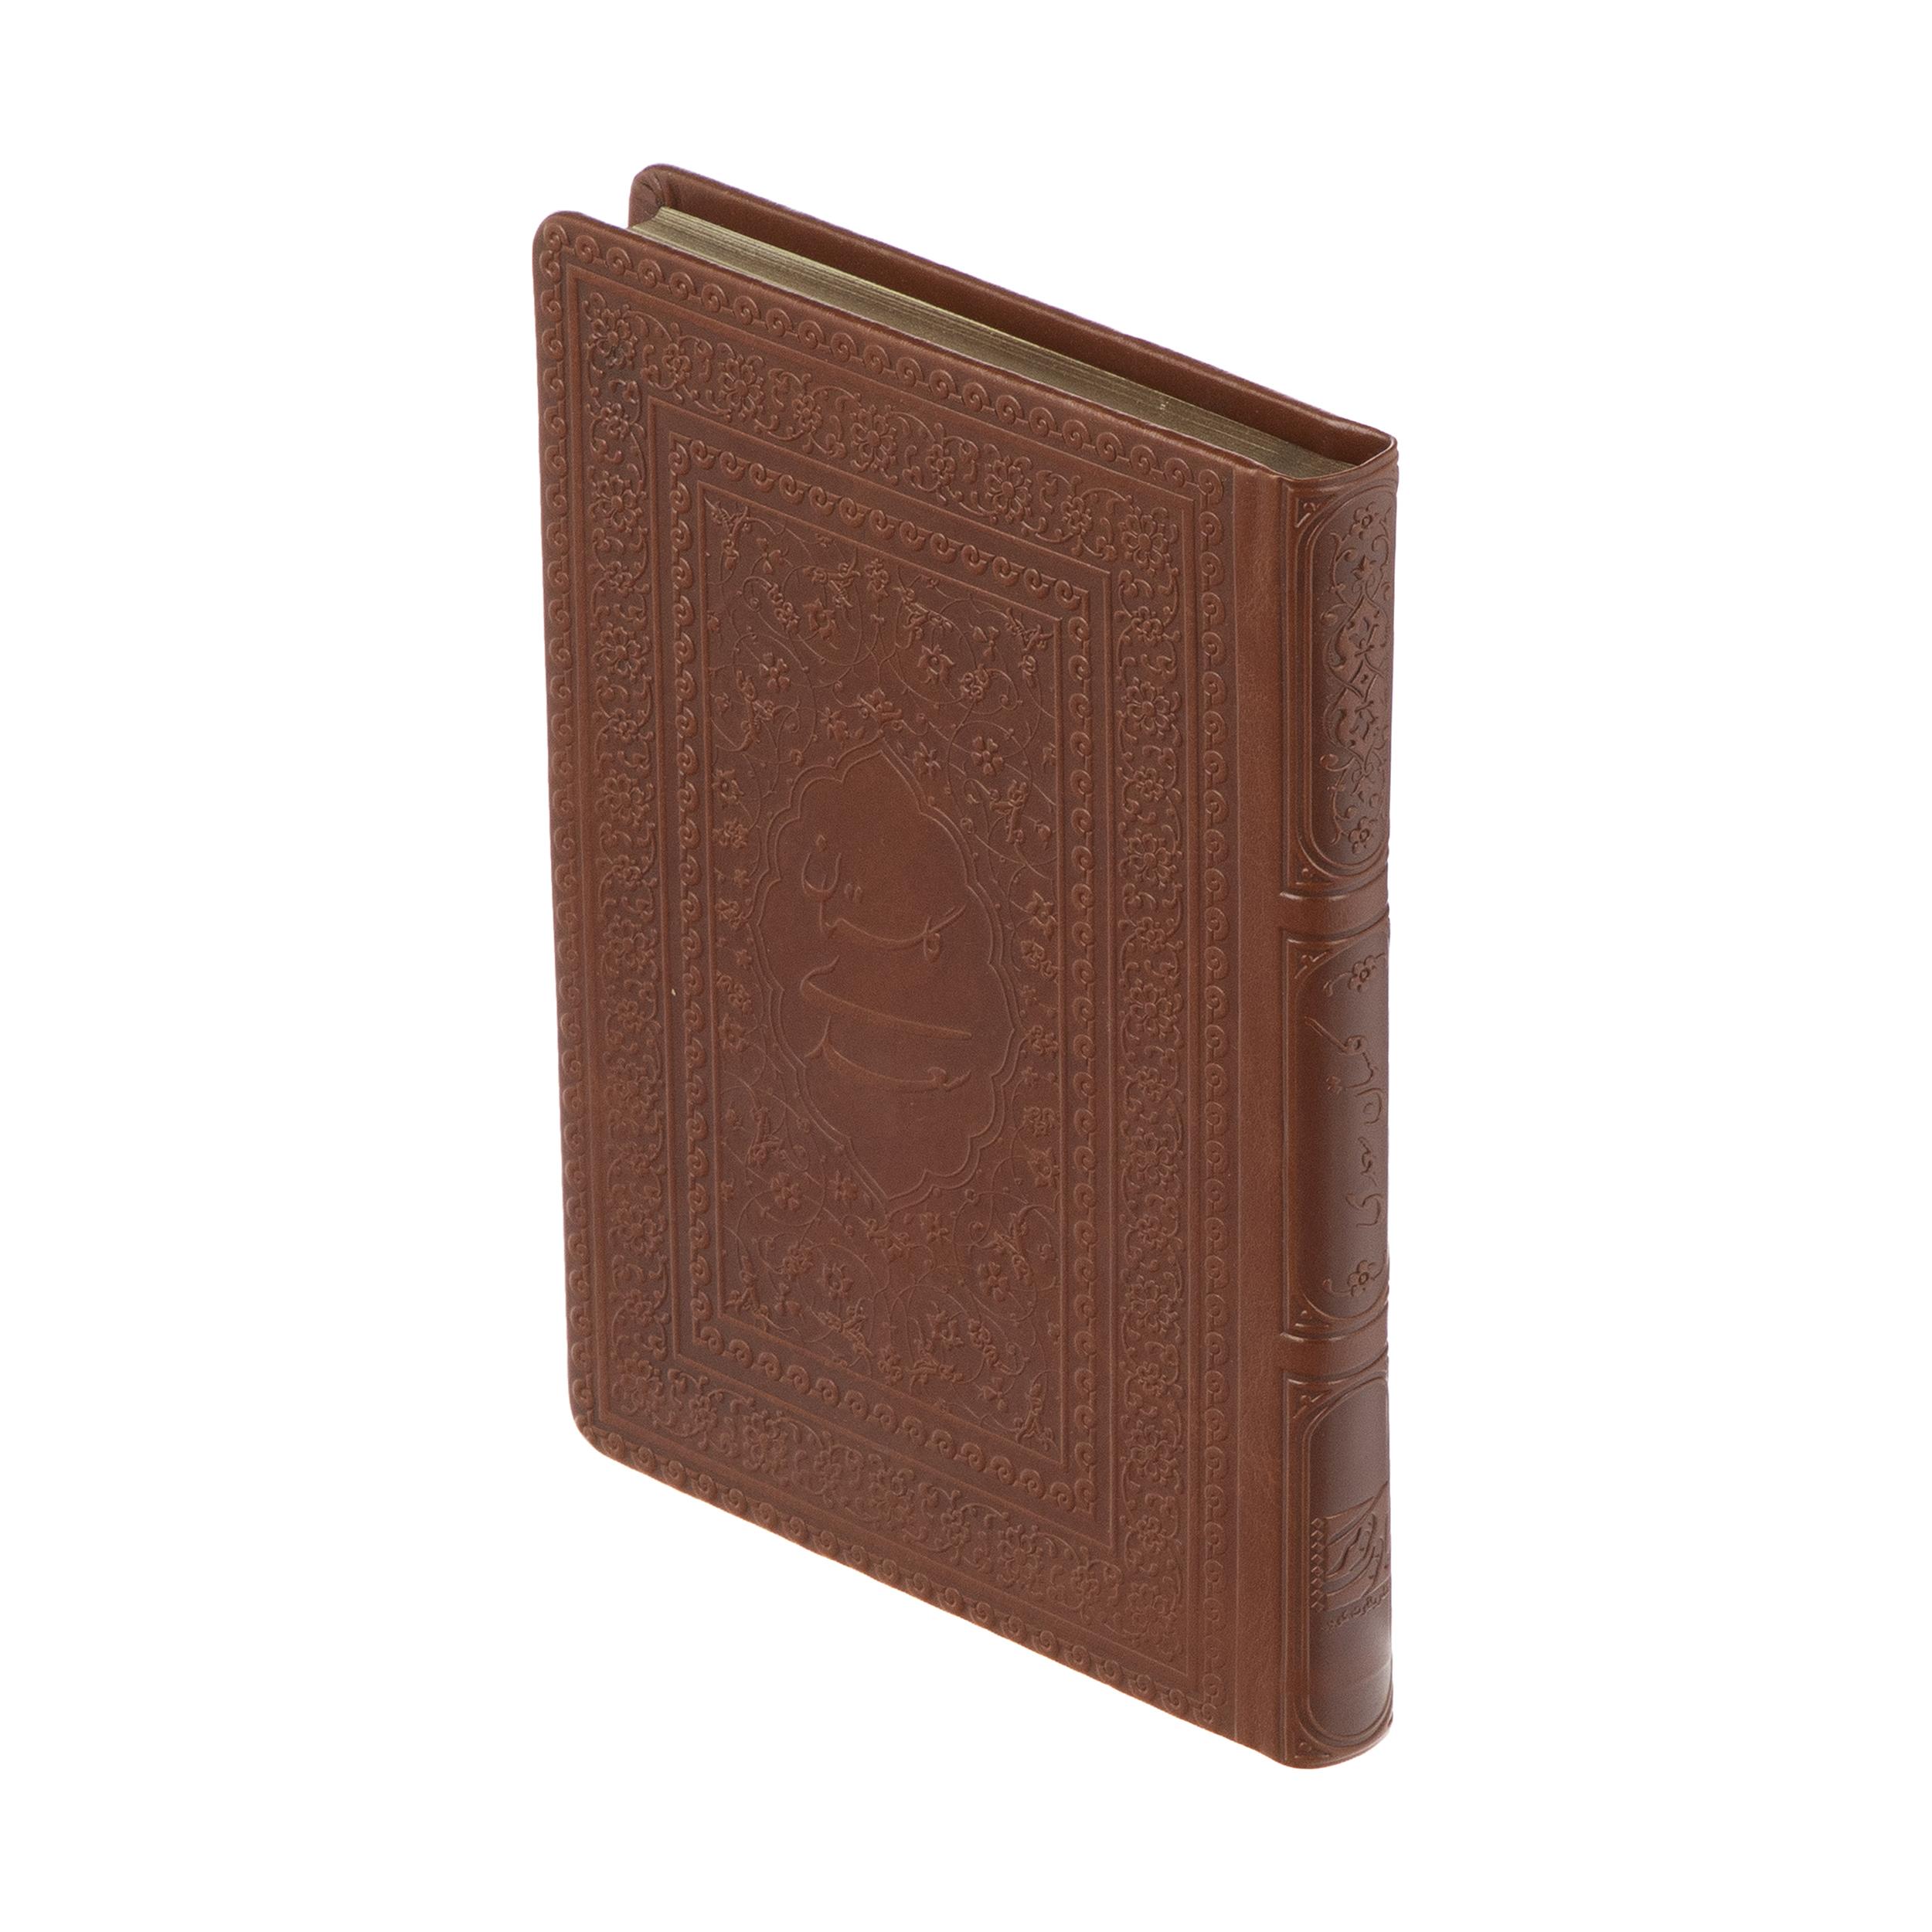 کتاب گلستان سعدی نشر یاقوت کویر